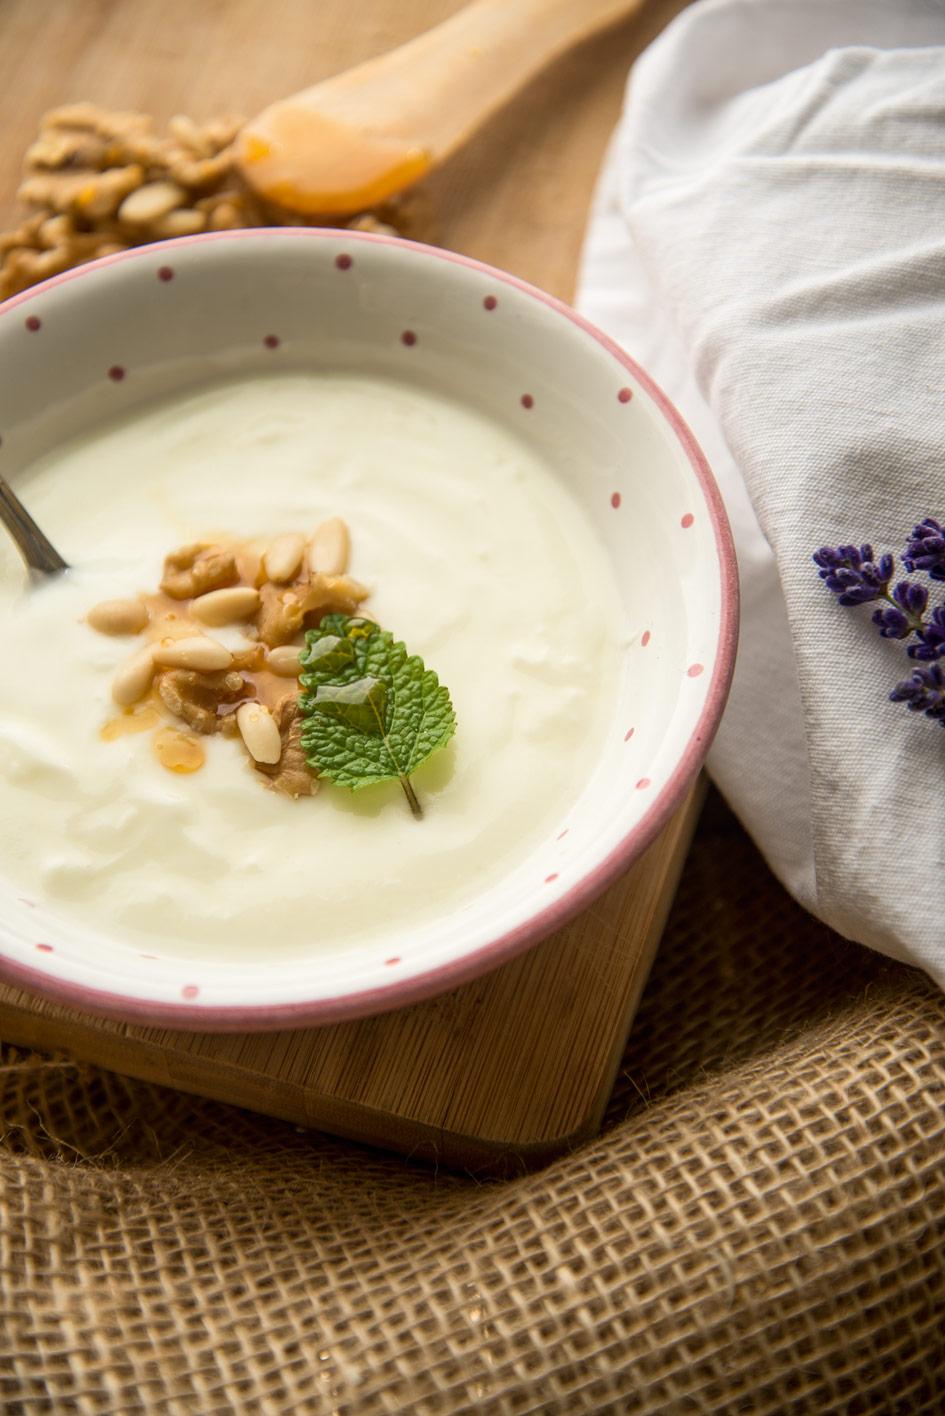 kaeserei-hoeflmaier-joghurt